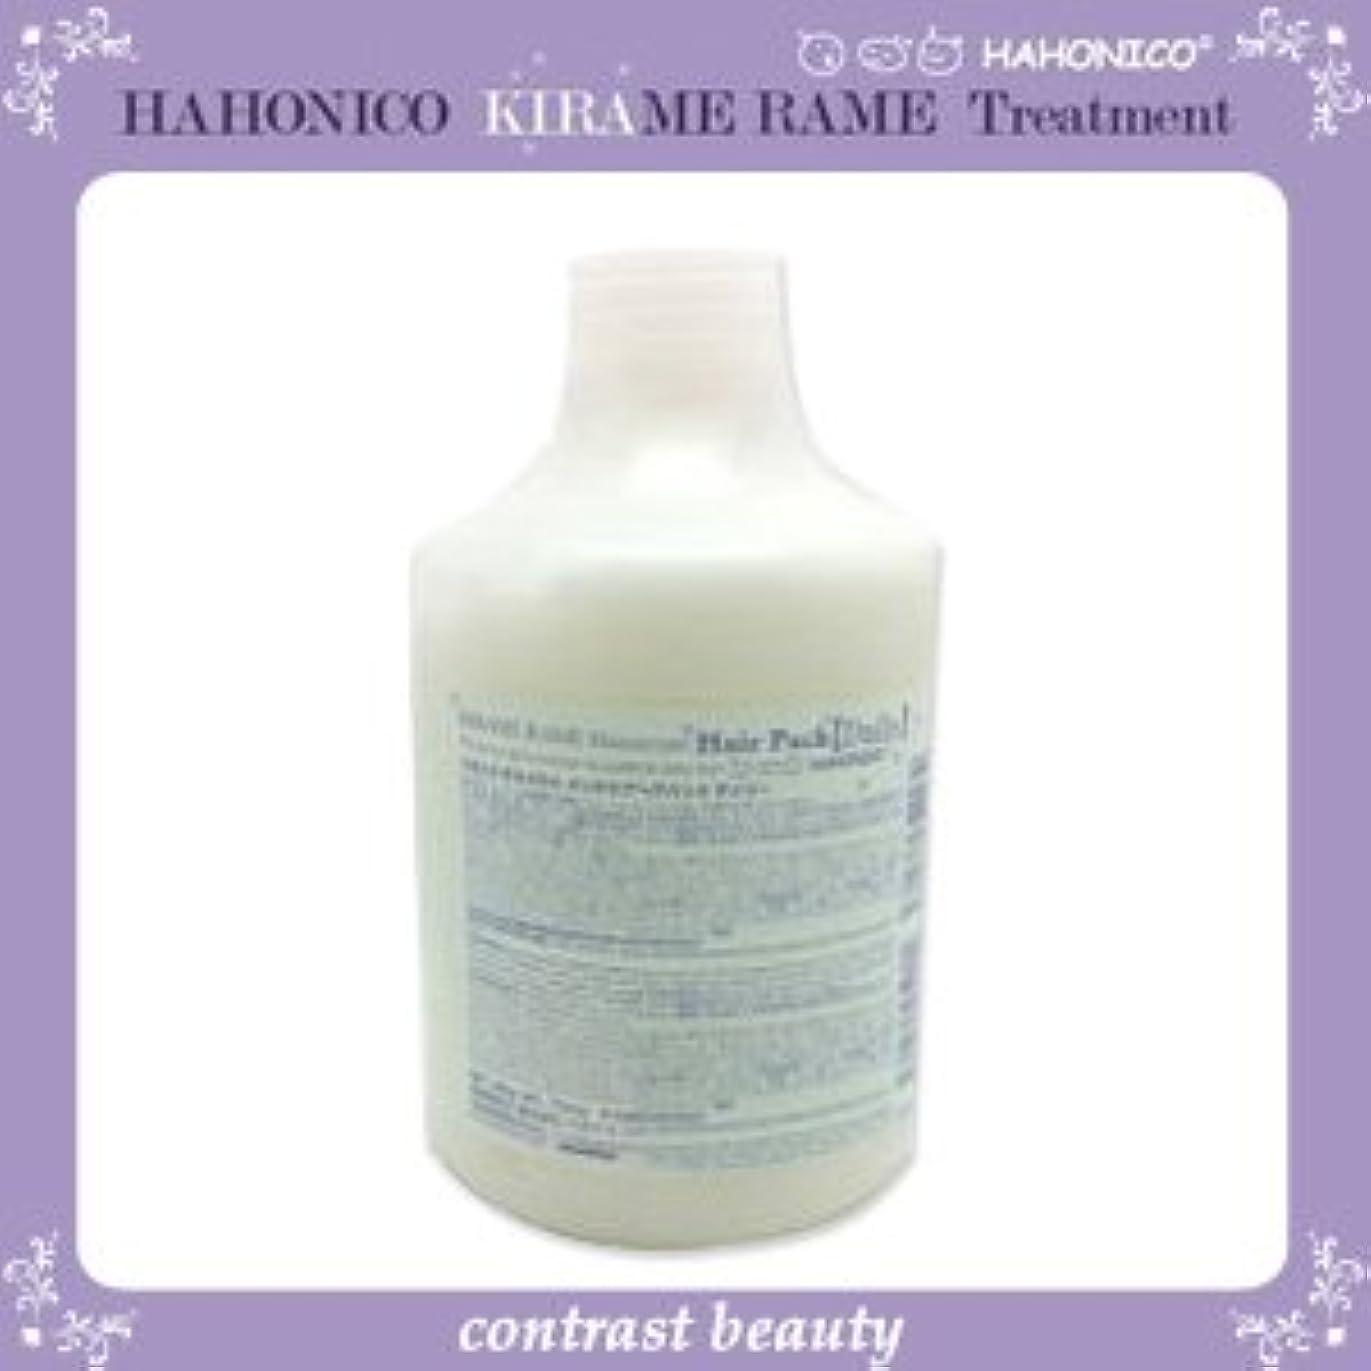 固めるマグ退院【X4個セット】 ハホニコ キラメラメ メンテケアヘアパックデイリー 500g KIRAME RAME HAHONICO